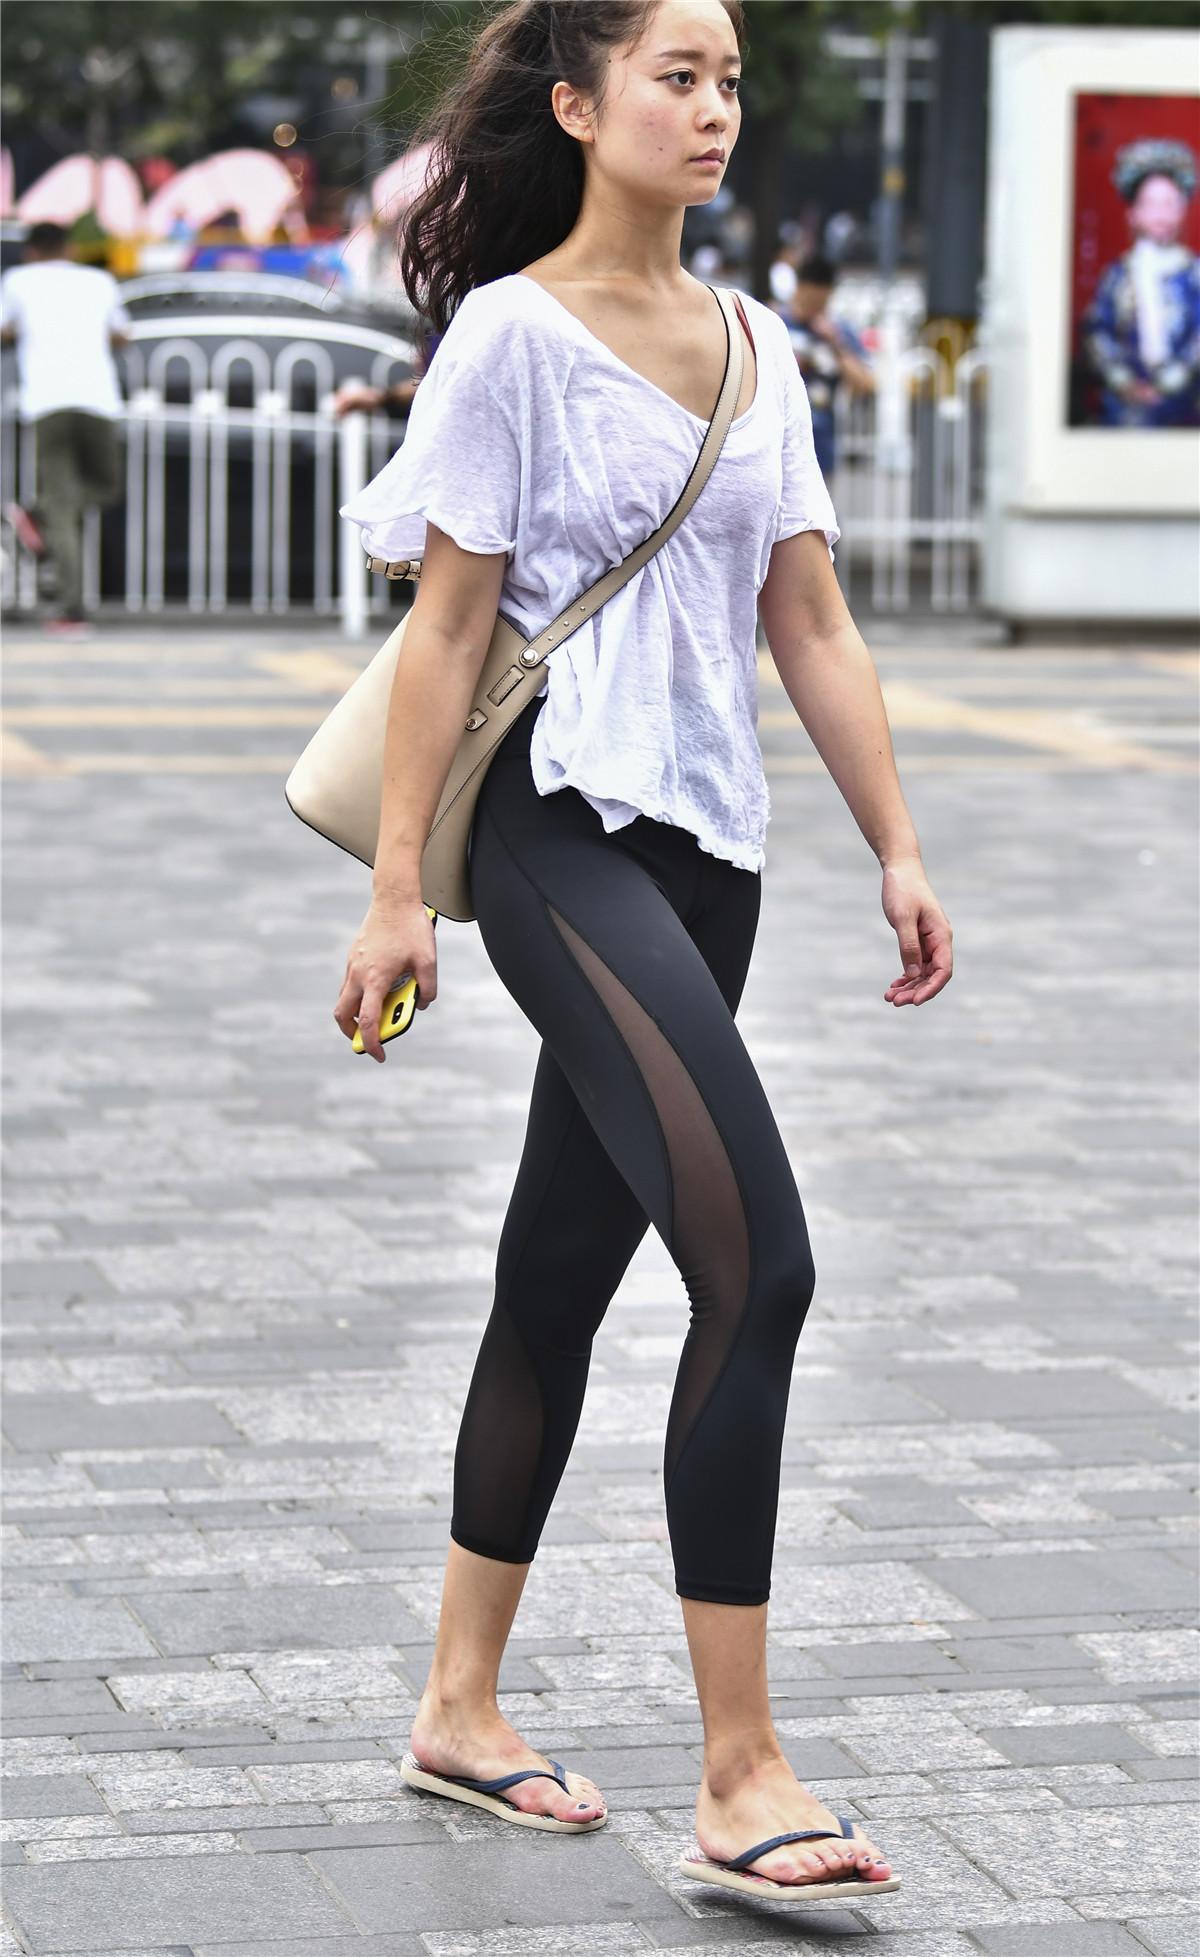 穿紧身裤的美女,尽显好身材